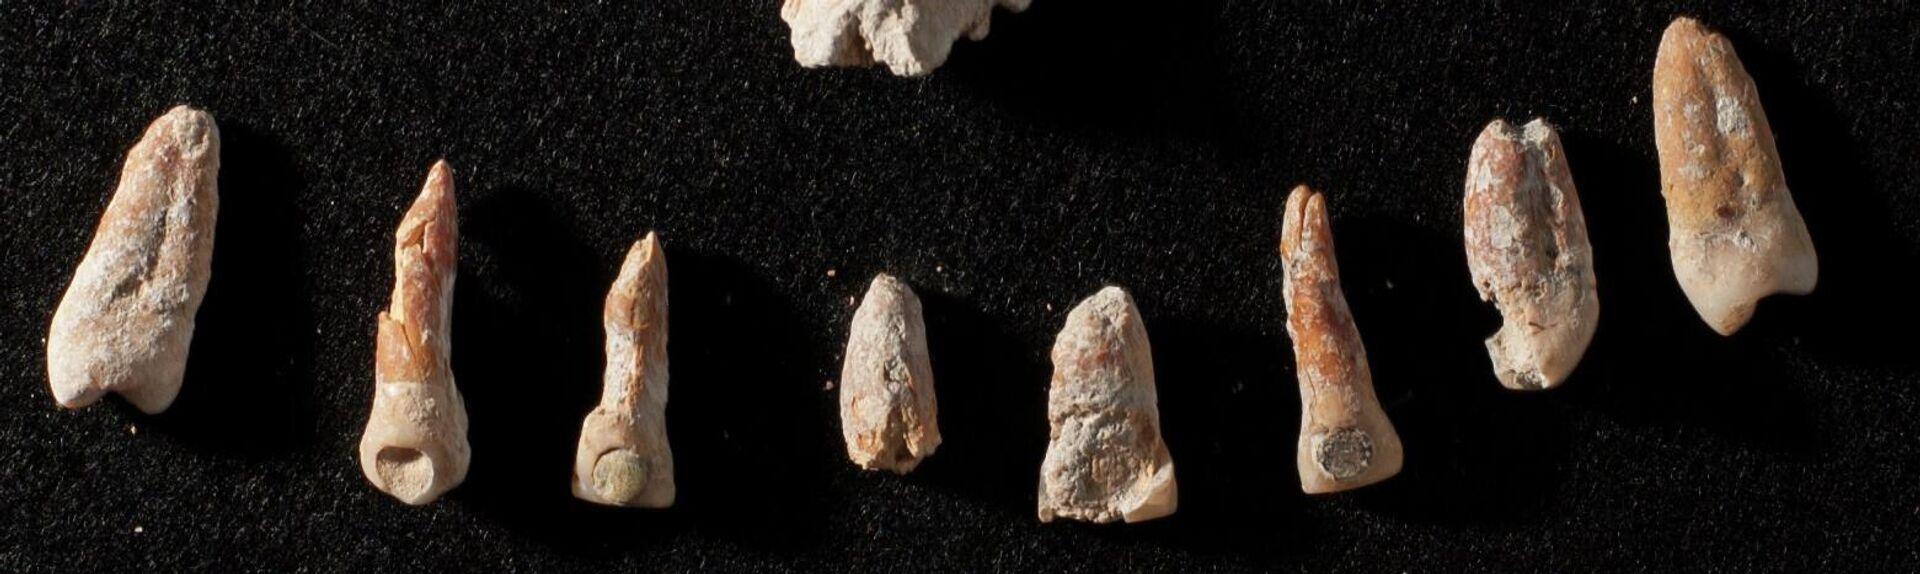 Los dientes con las incrustaciones de jade y pirita  - Sputnik Mundo, 1920, 17.03.2021